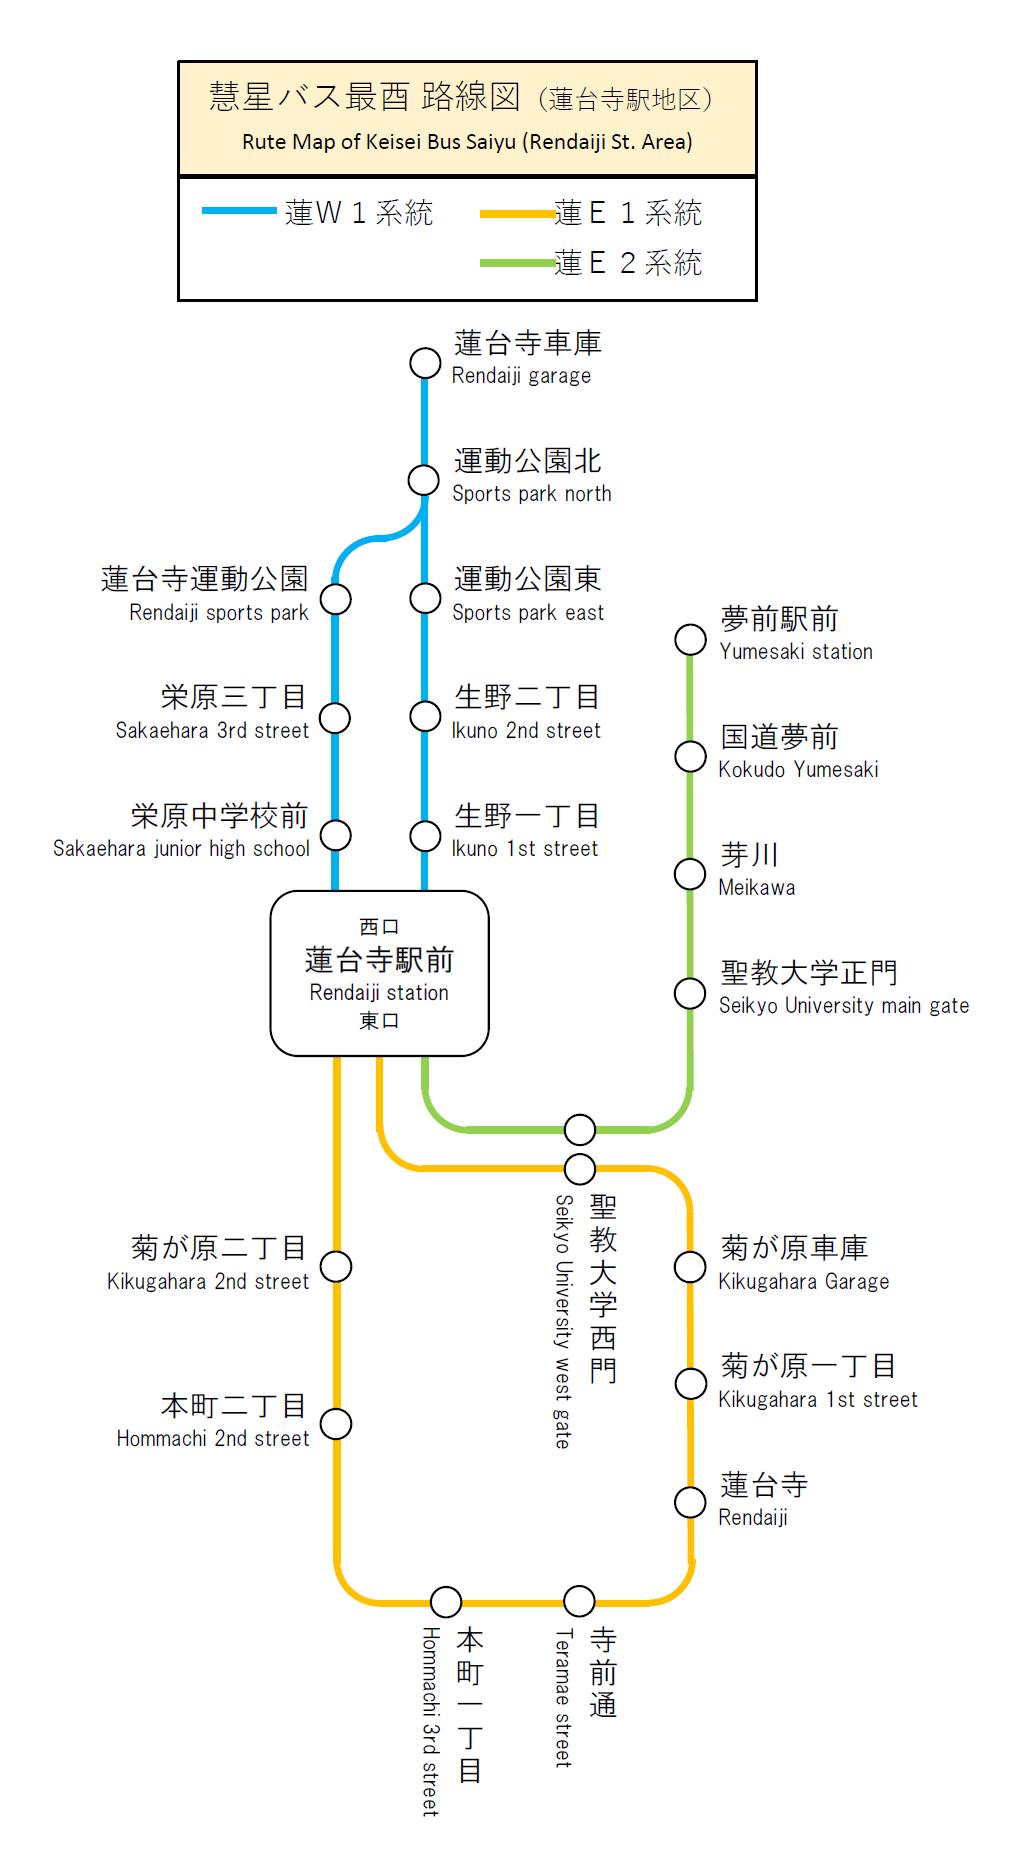 慧星バス最酉路線図(蓮台寺駅地区).png